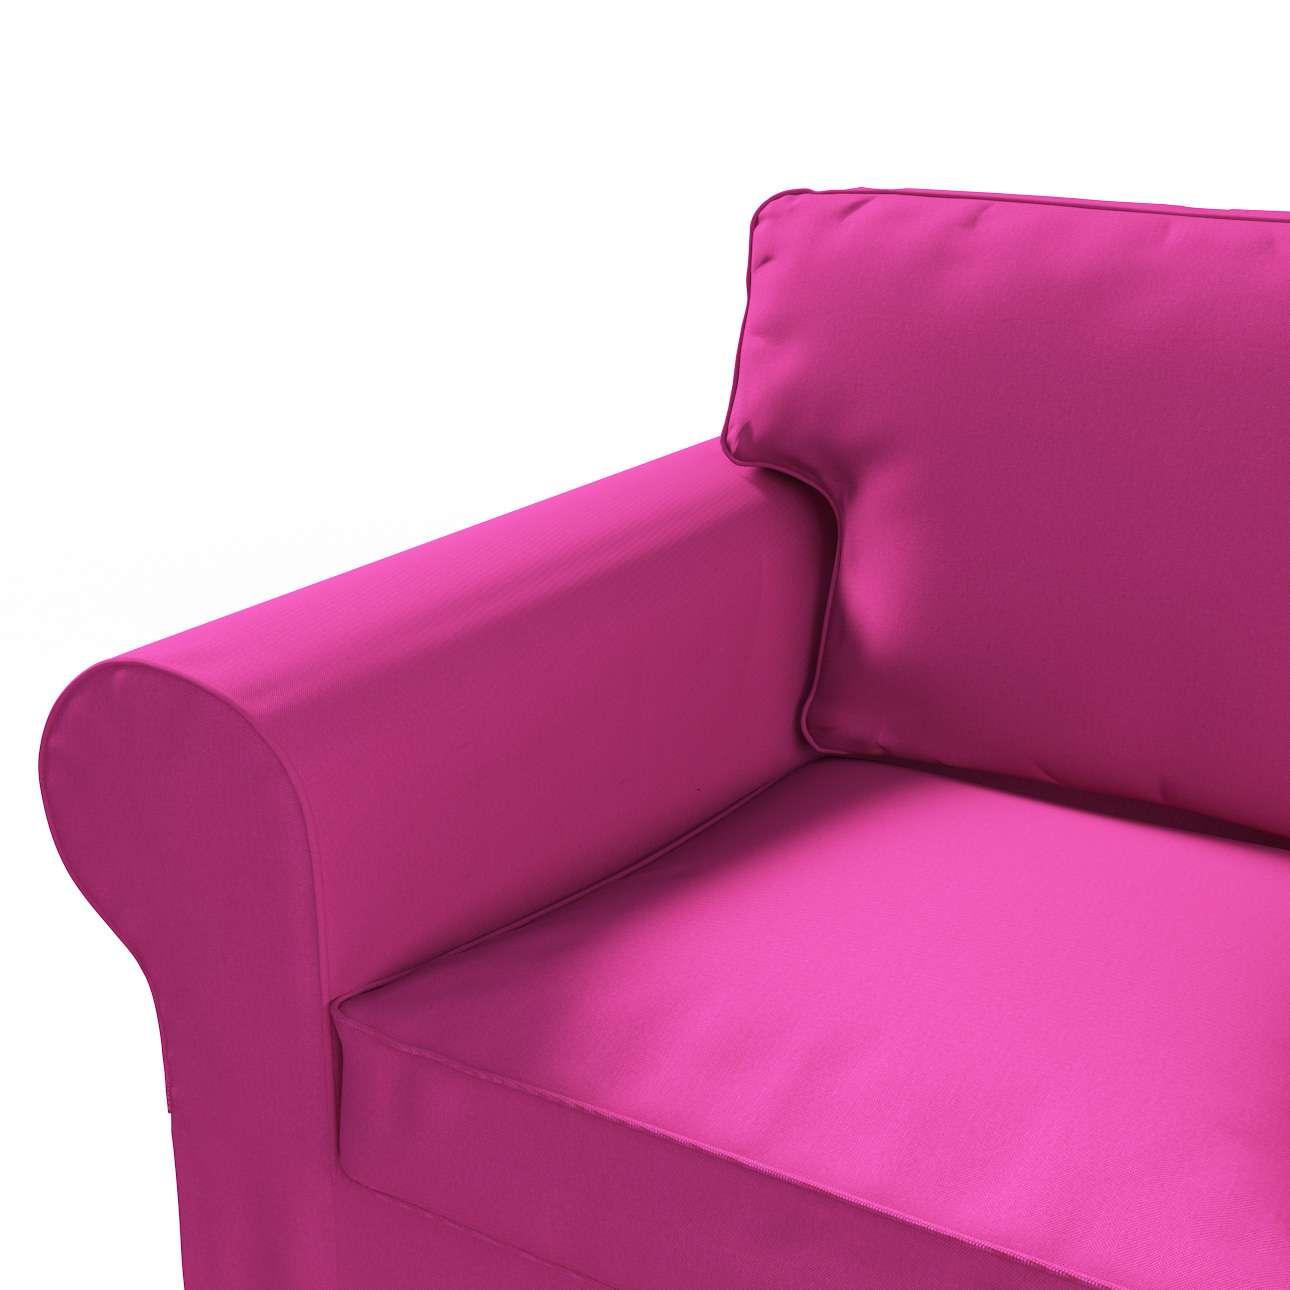 Pokrowiec na sofę Ektorp 2-osobową, rozkładaną STARY MODEL w kolekcji Etna , tkanina: 705-23